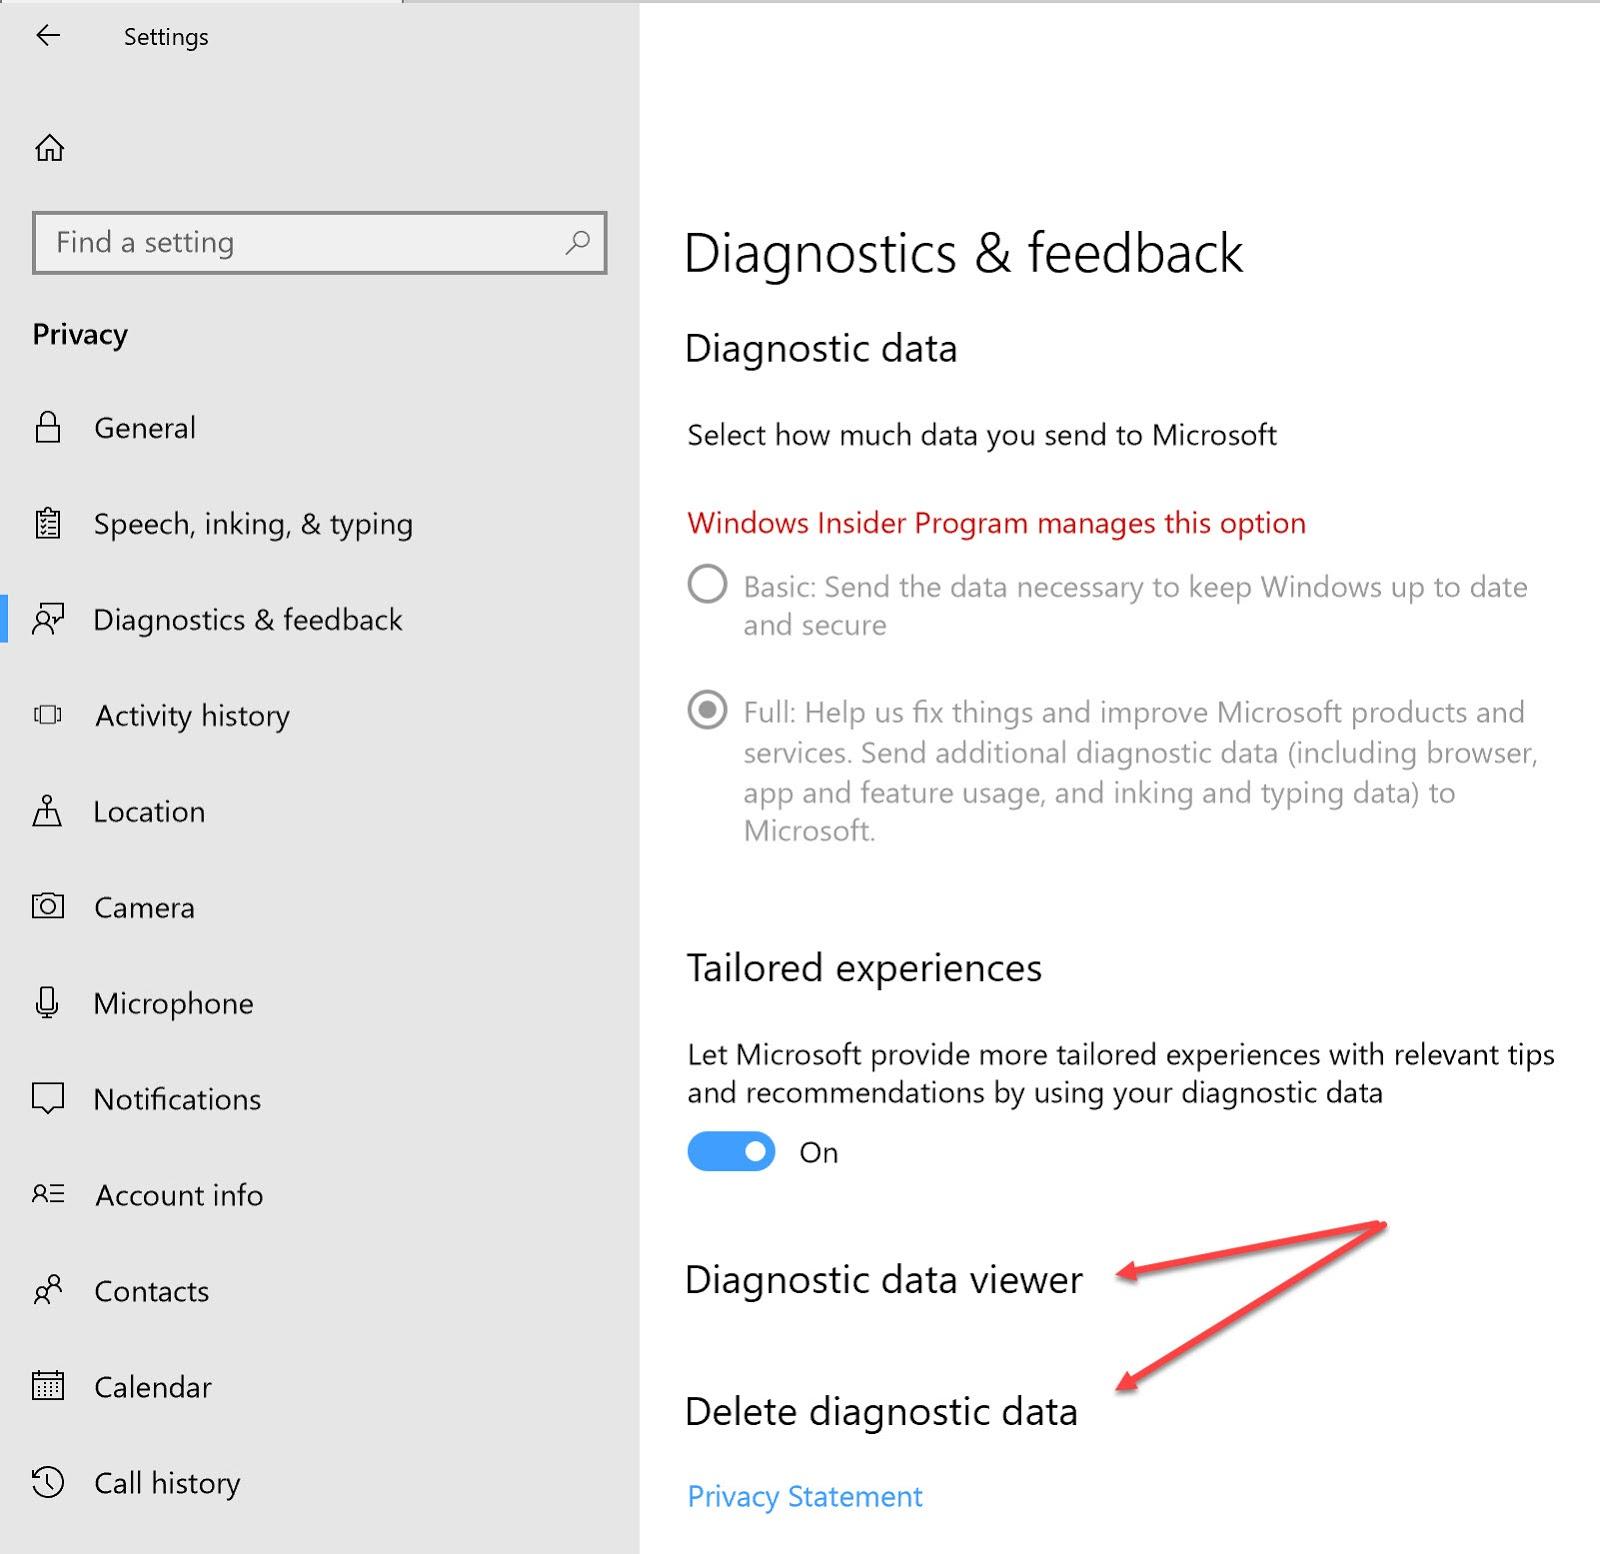 Diagnostics-feedback